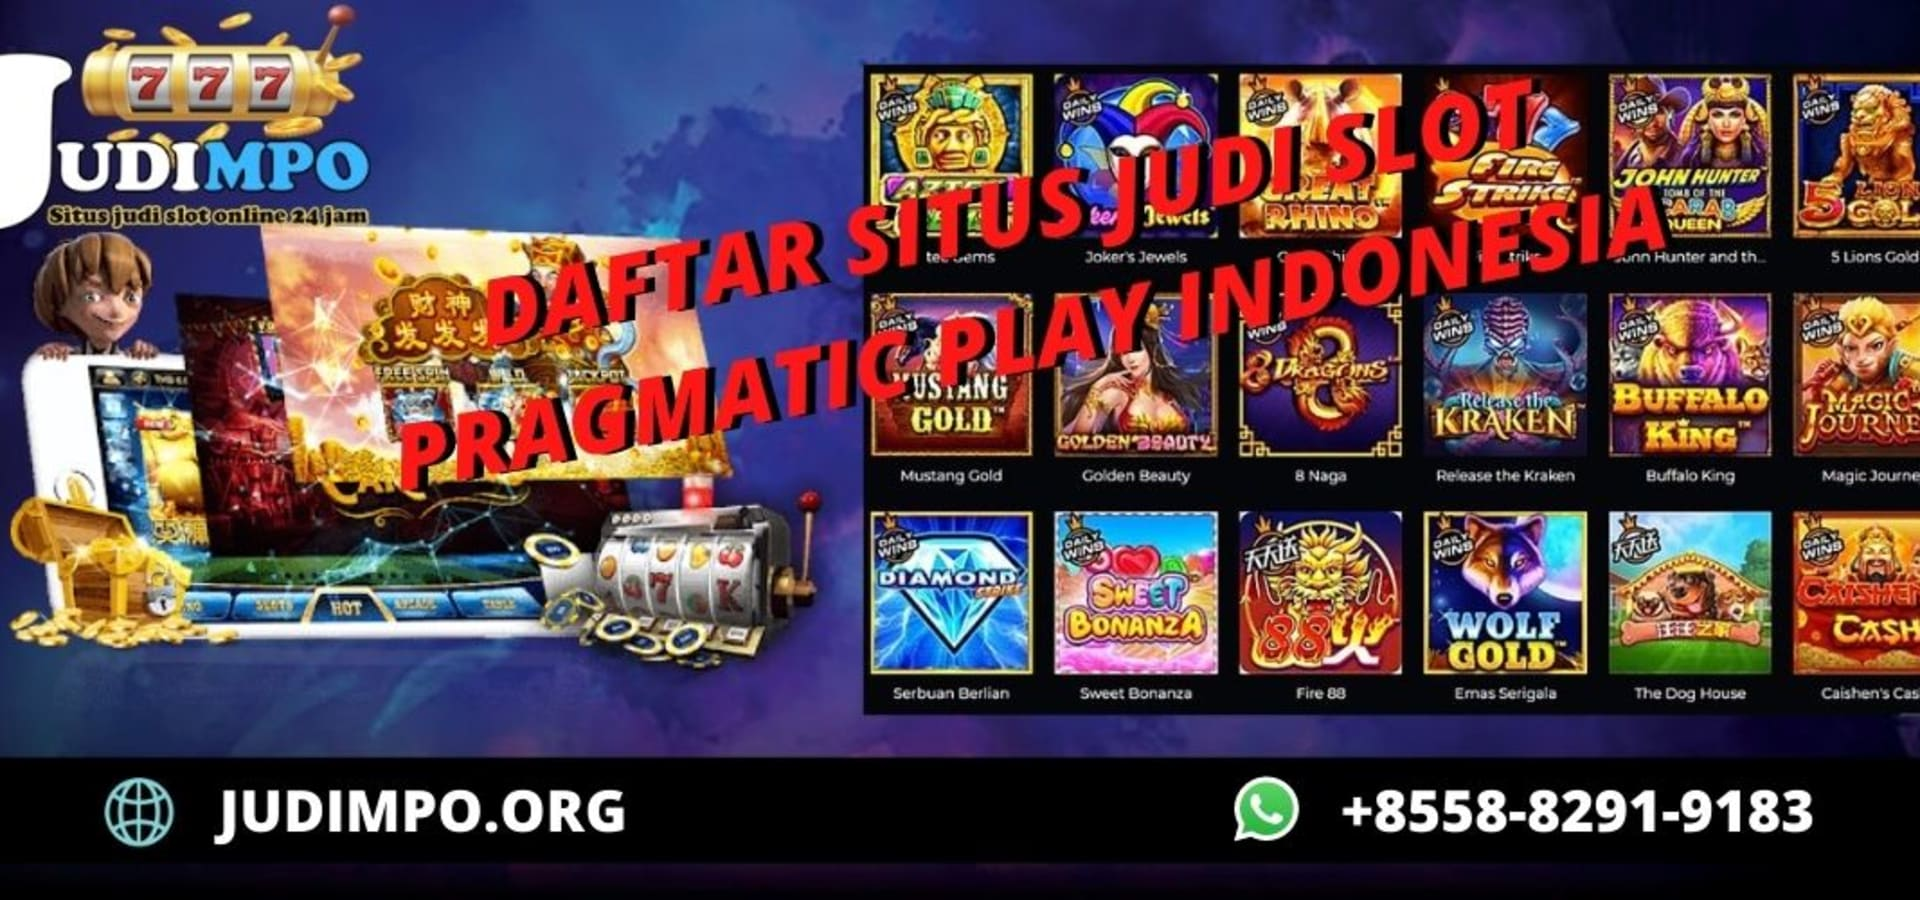 Daftar Situs Agen Judi Slot Pragmatic Play Murah Indonesia Homify